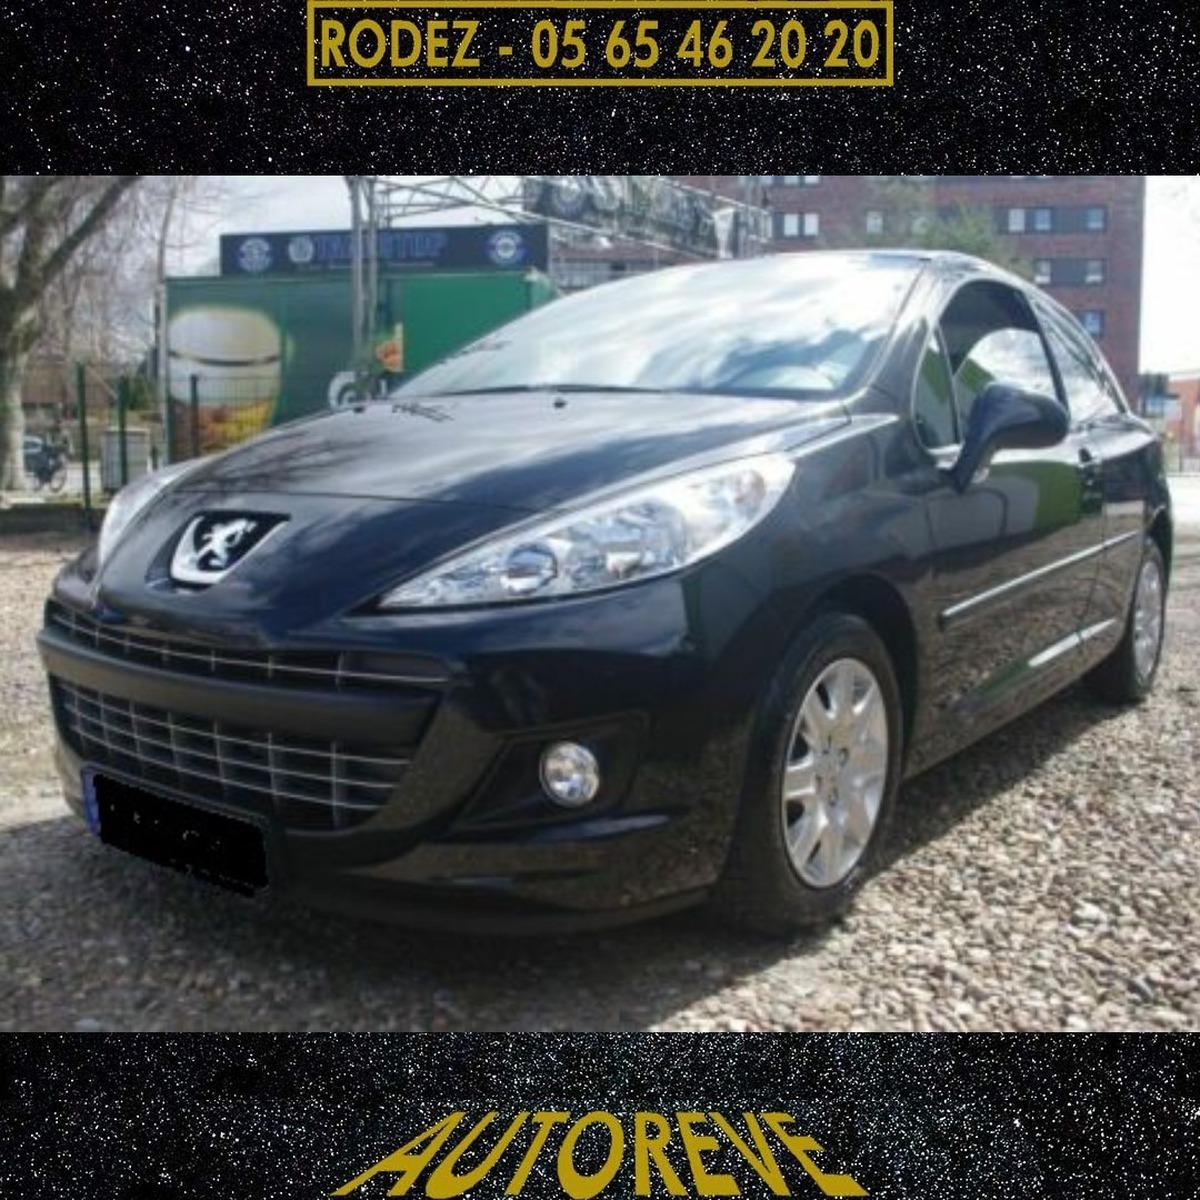 Peugeot 207 95 VTi Tendance